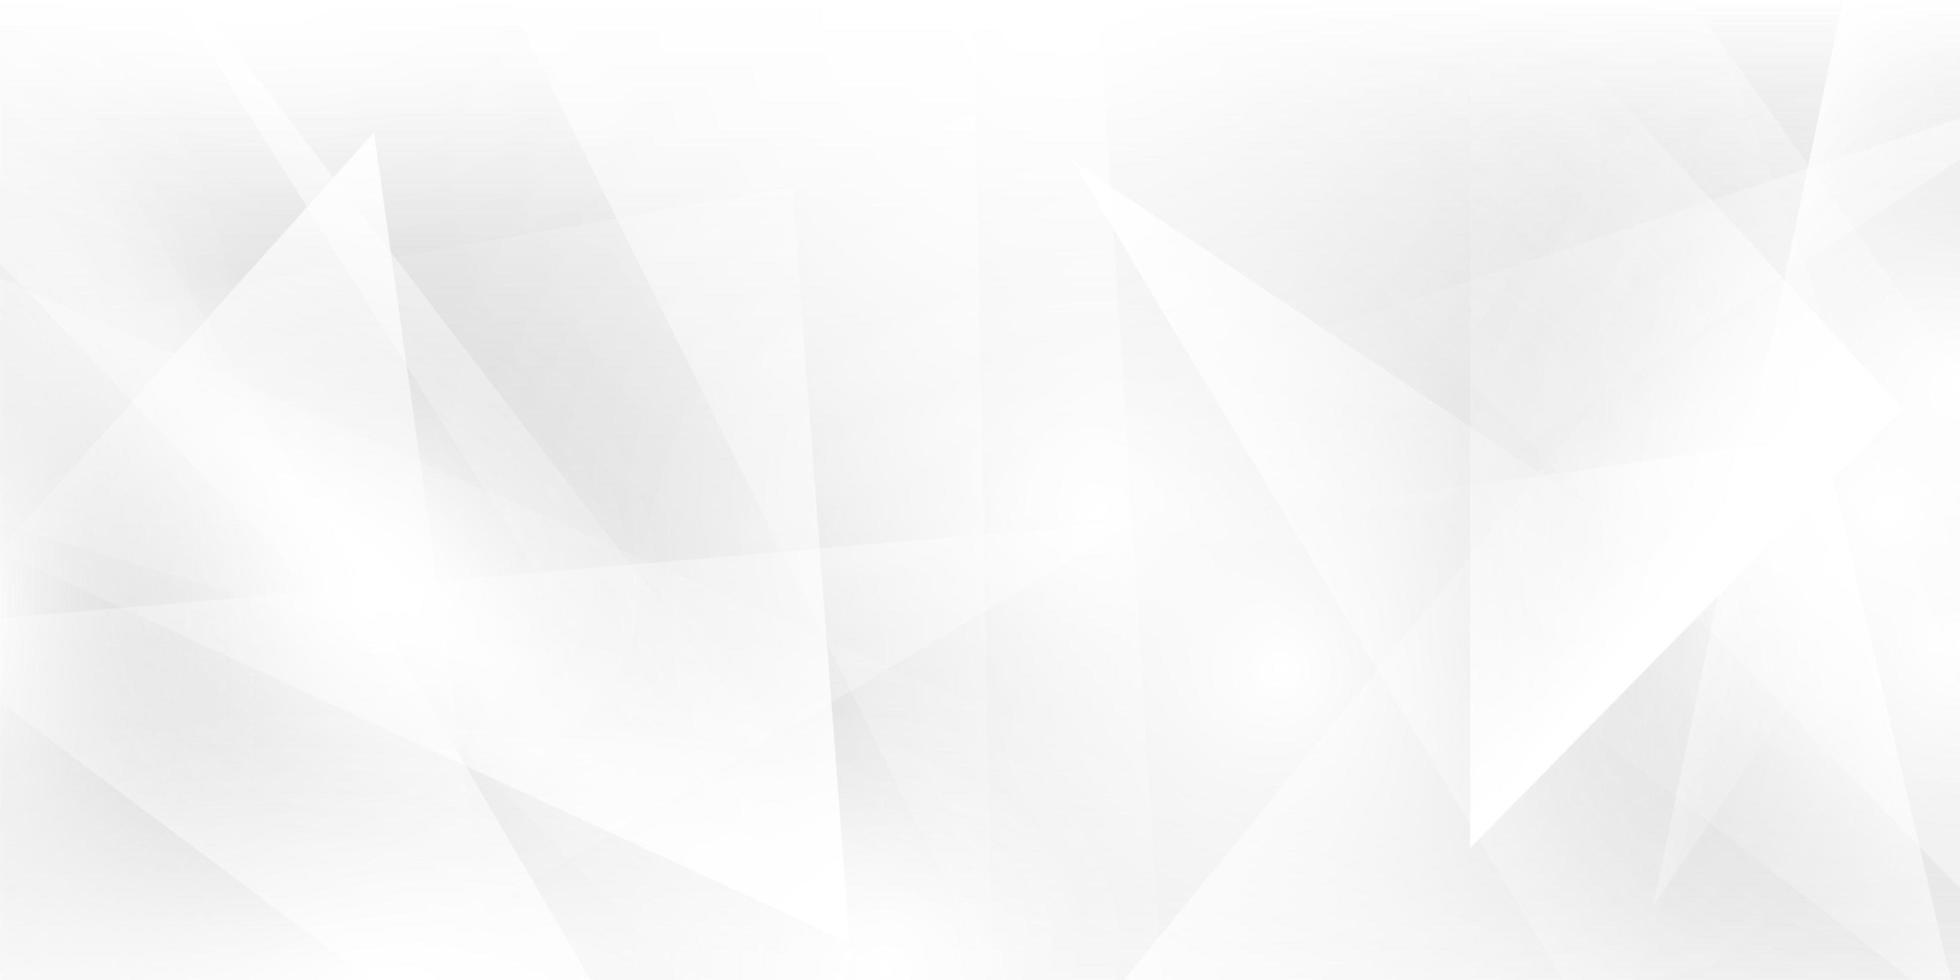 affiche abstraite fond blanc gris avec des formes dynamiques vecteur